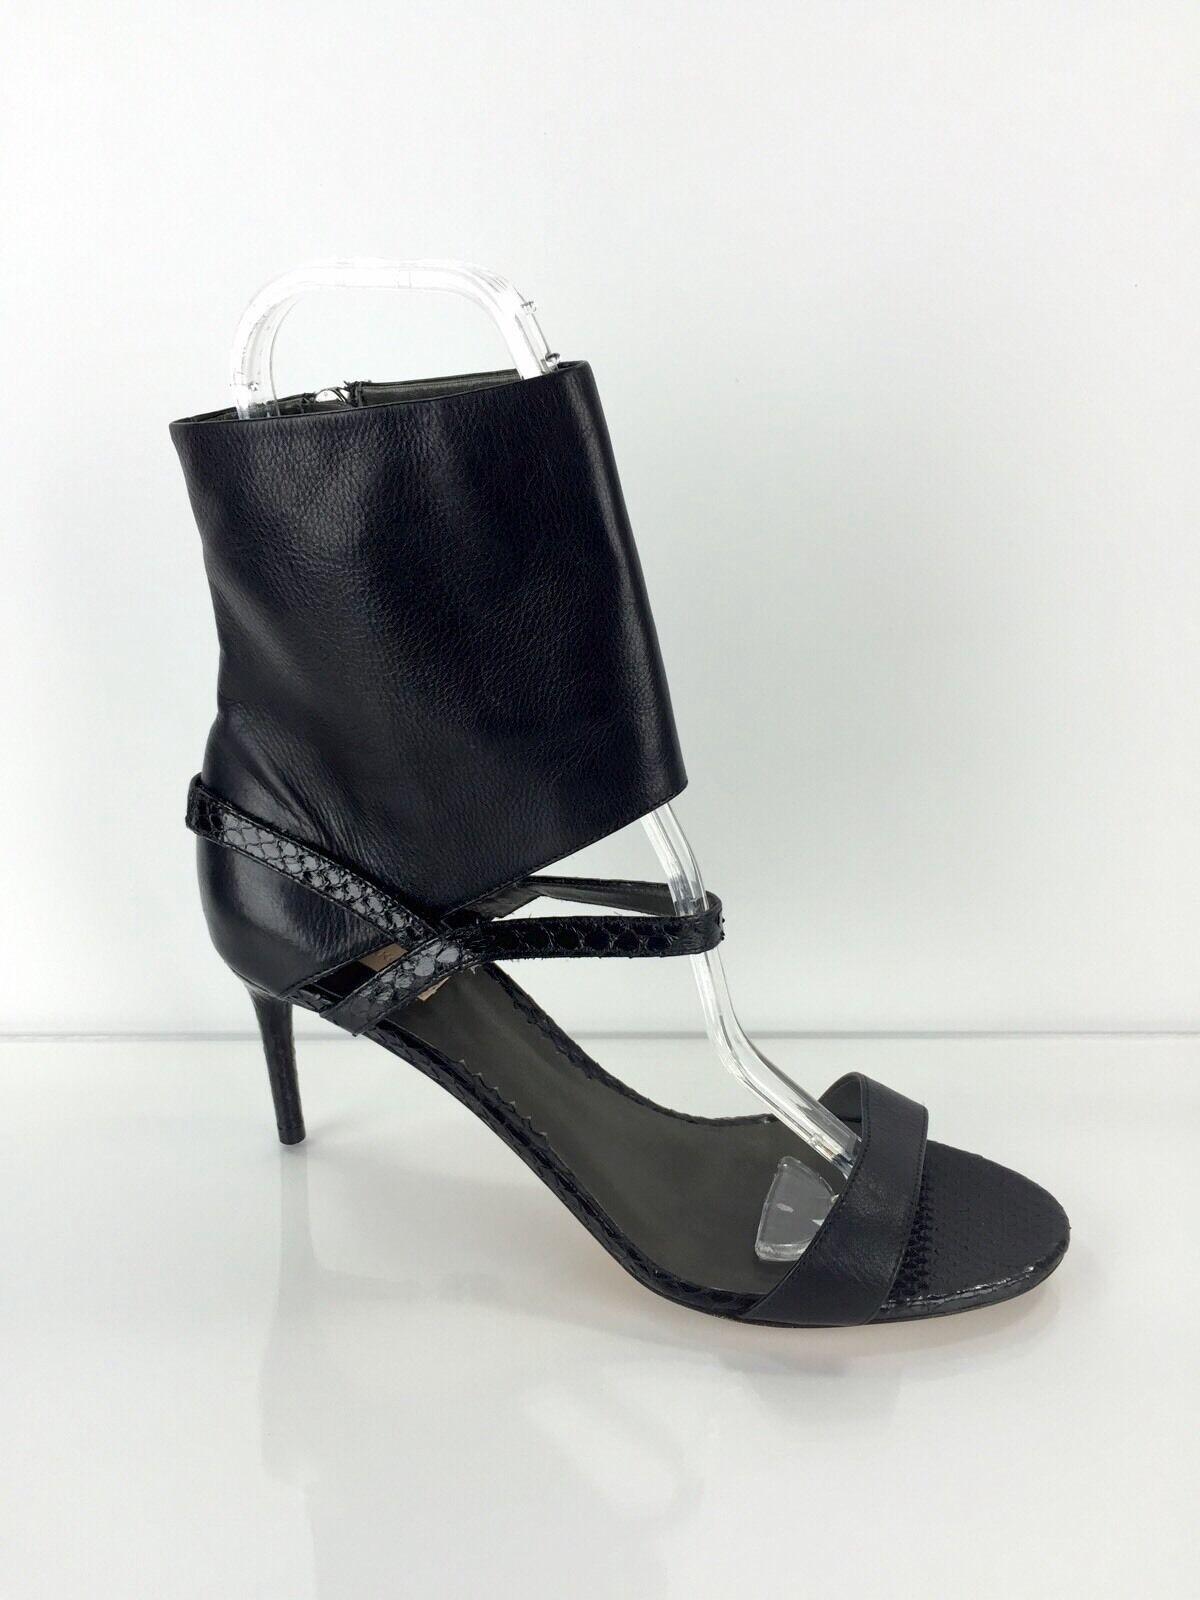 presentando tutte le ultime tendenze della moda Reed Krakoff Donna  nero Heels 39.5 39.5 39.5  consegna veloce e spedizione gratuita per tutti gli ordini